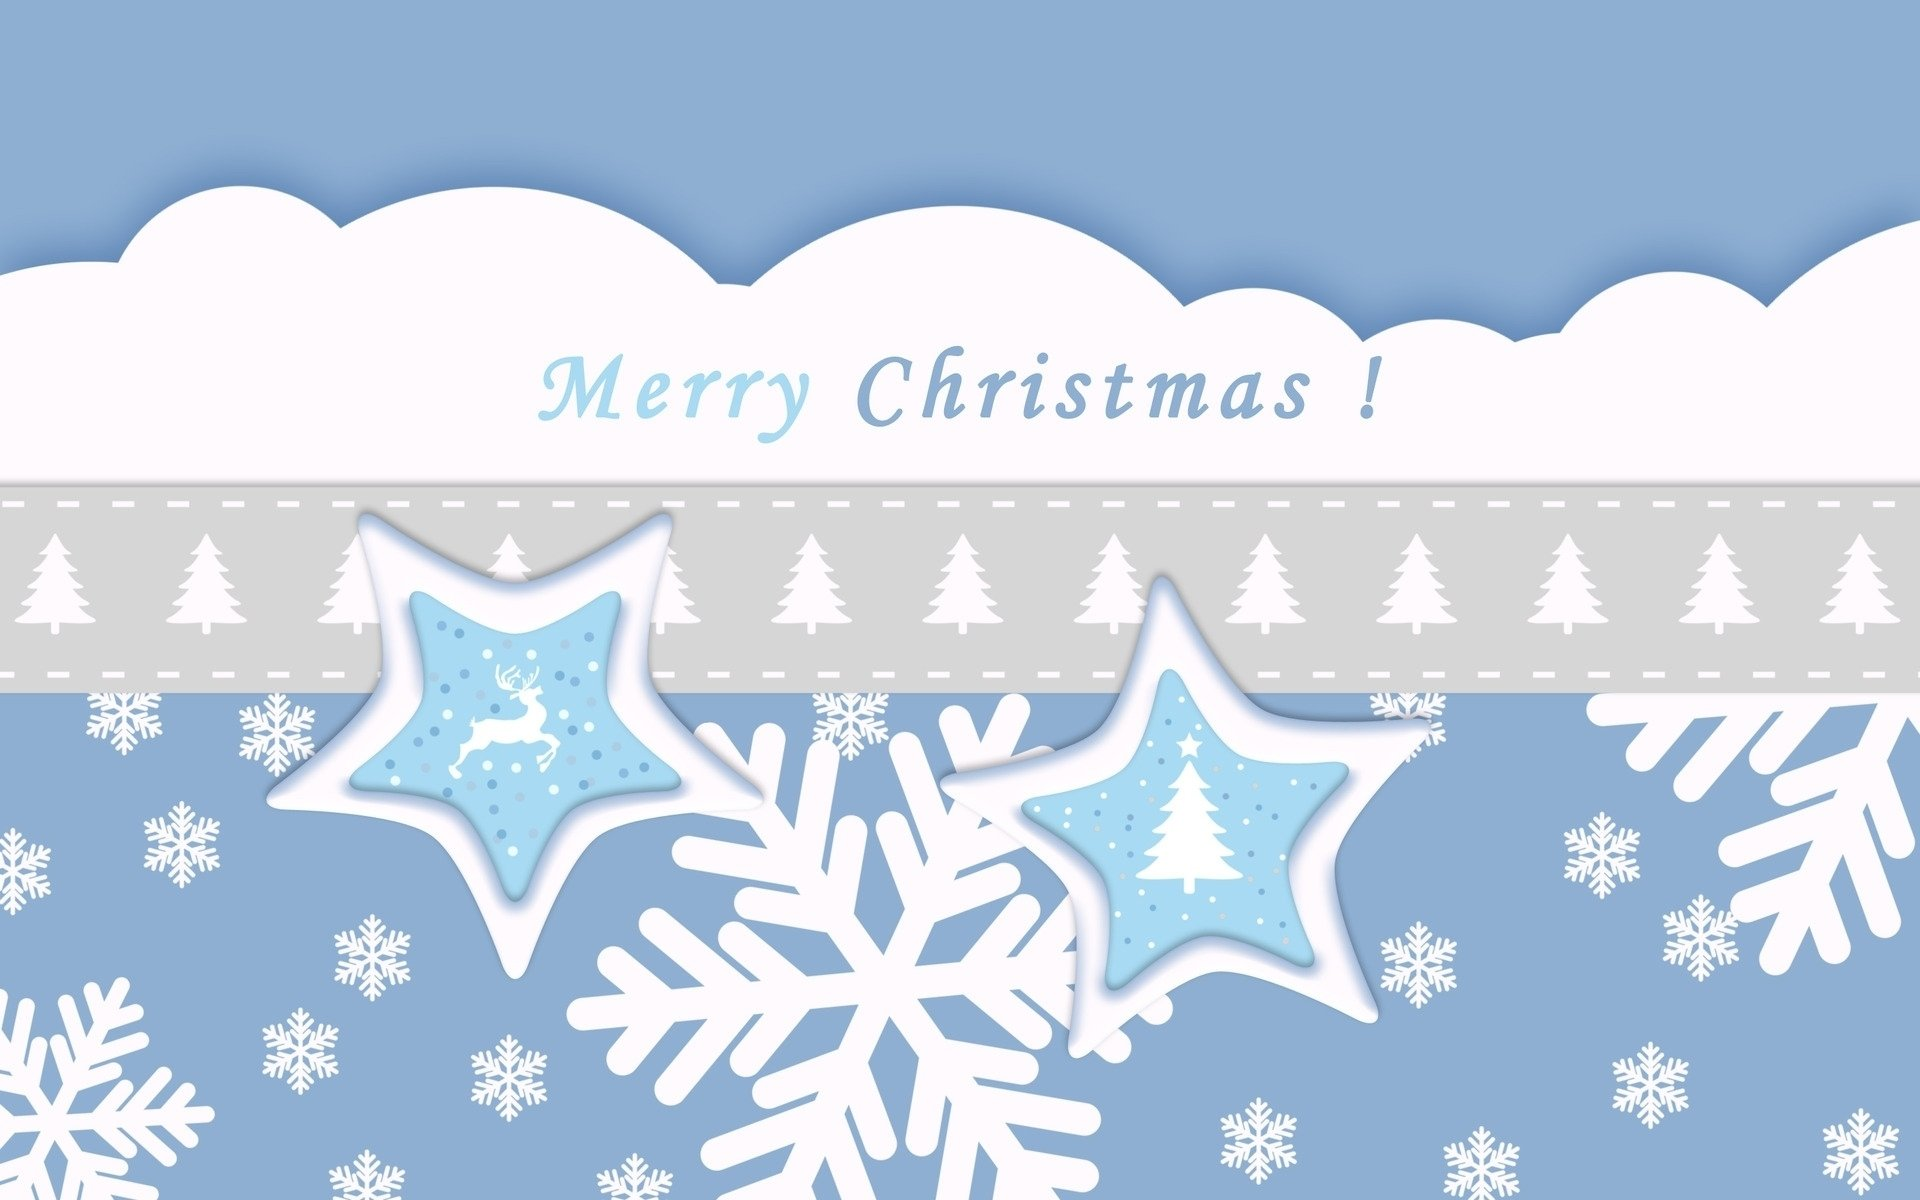 节日 - 圣诞节  蓝色 Star 雪花 Merry Christmas 壁纸